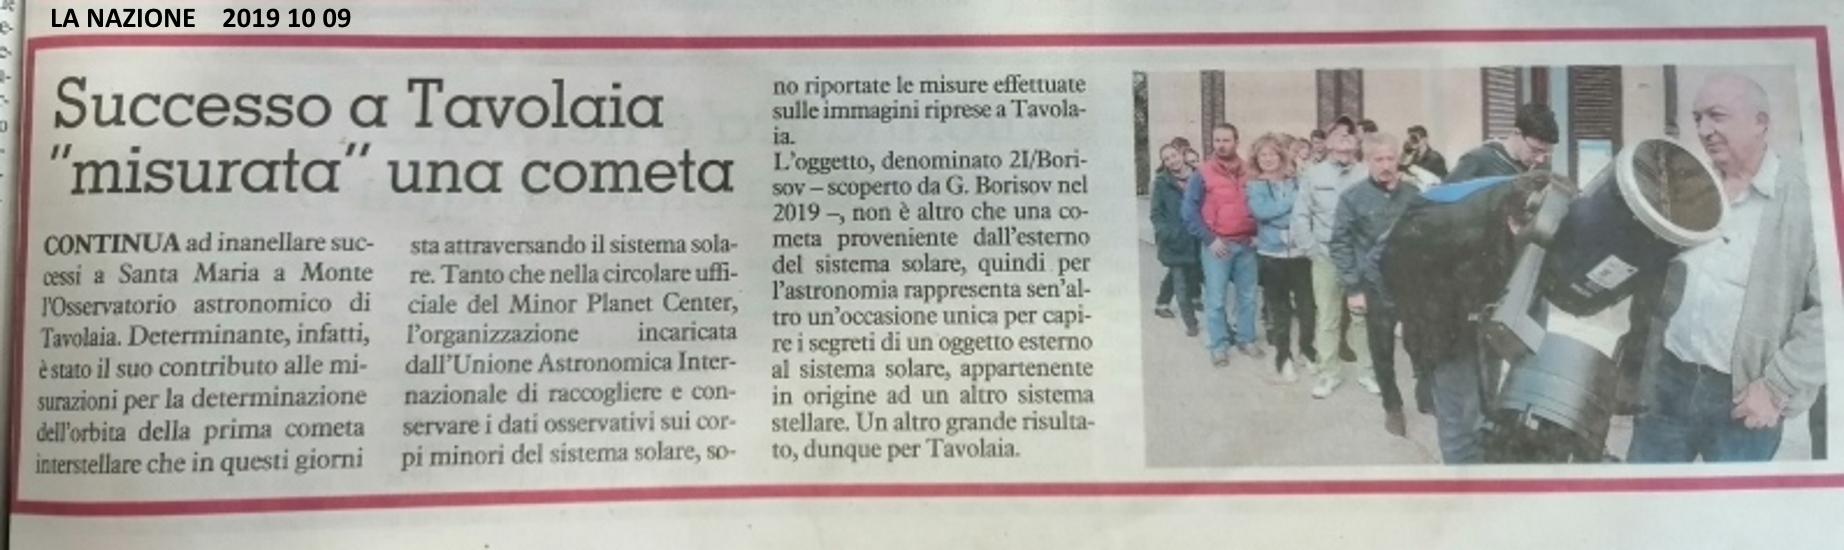 giornale-la-nazione-2019_10_09.jpg